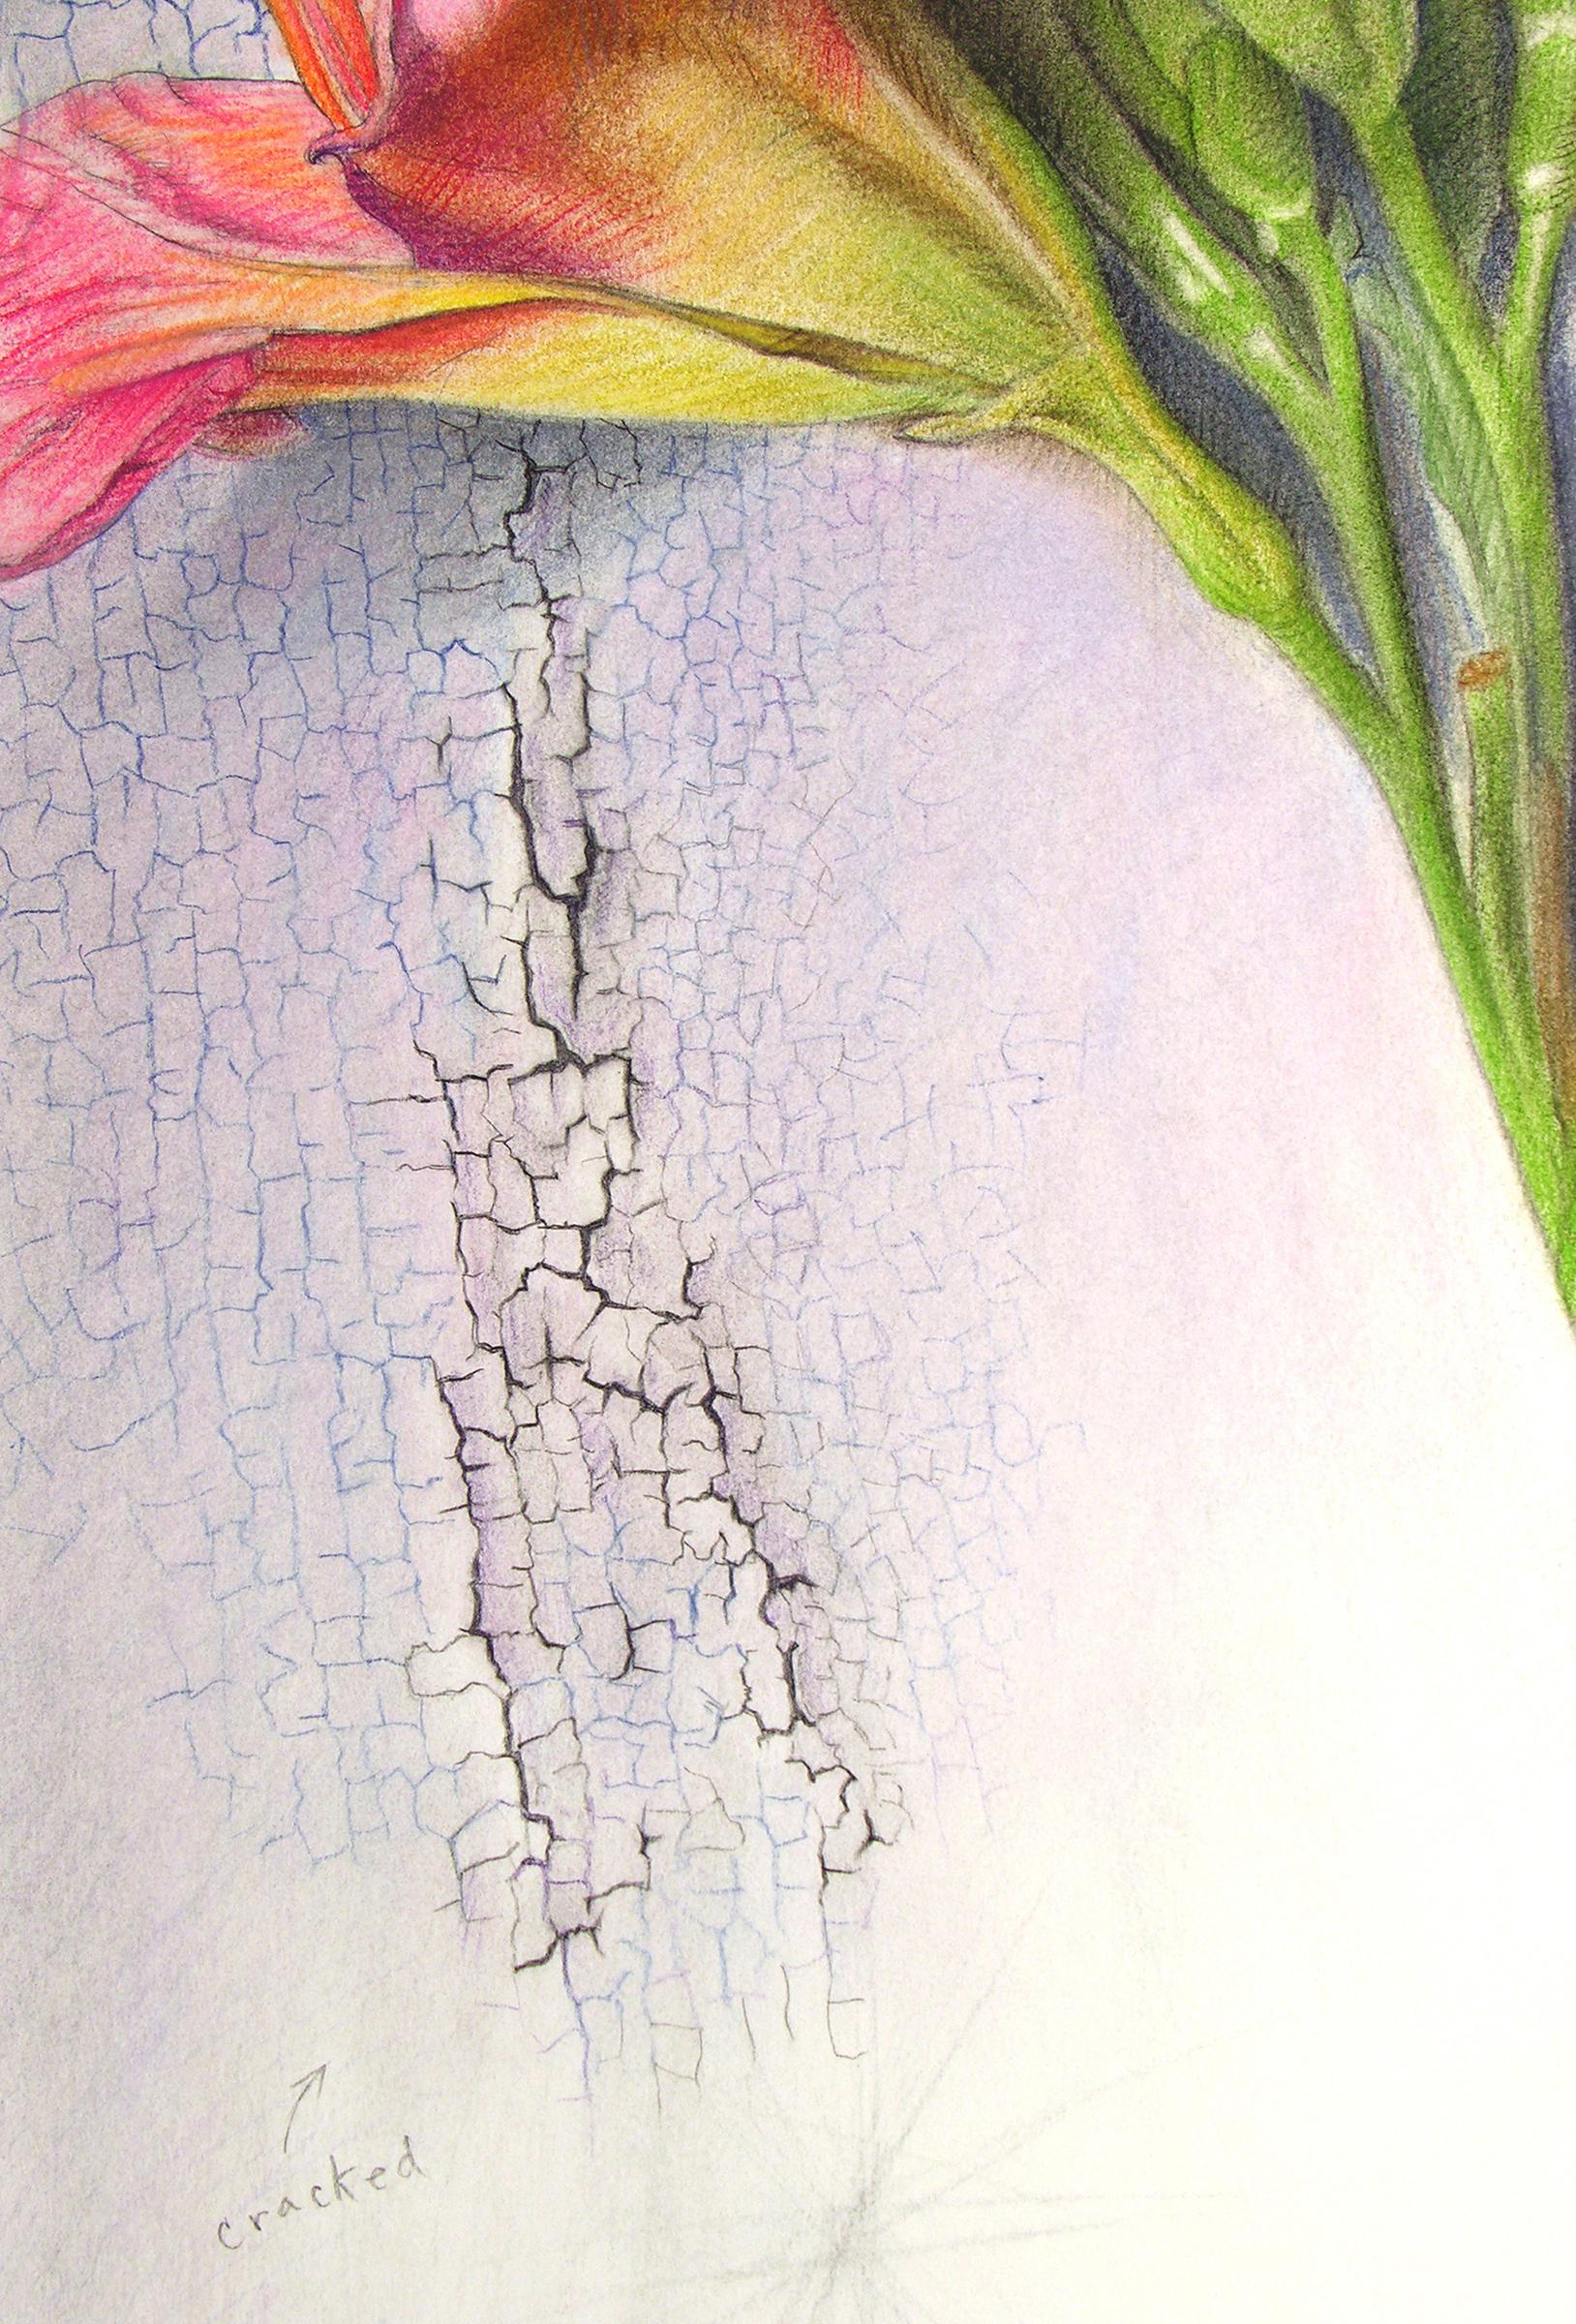 Wallflower 3 (detail)